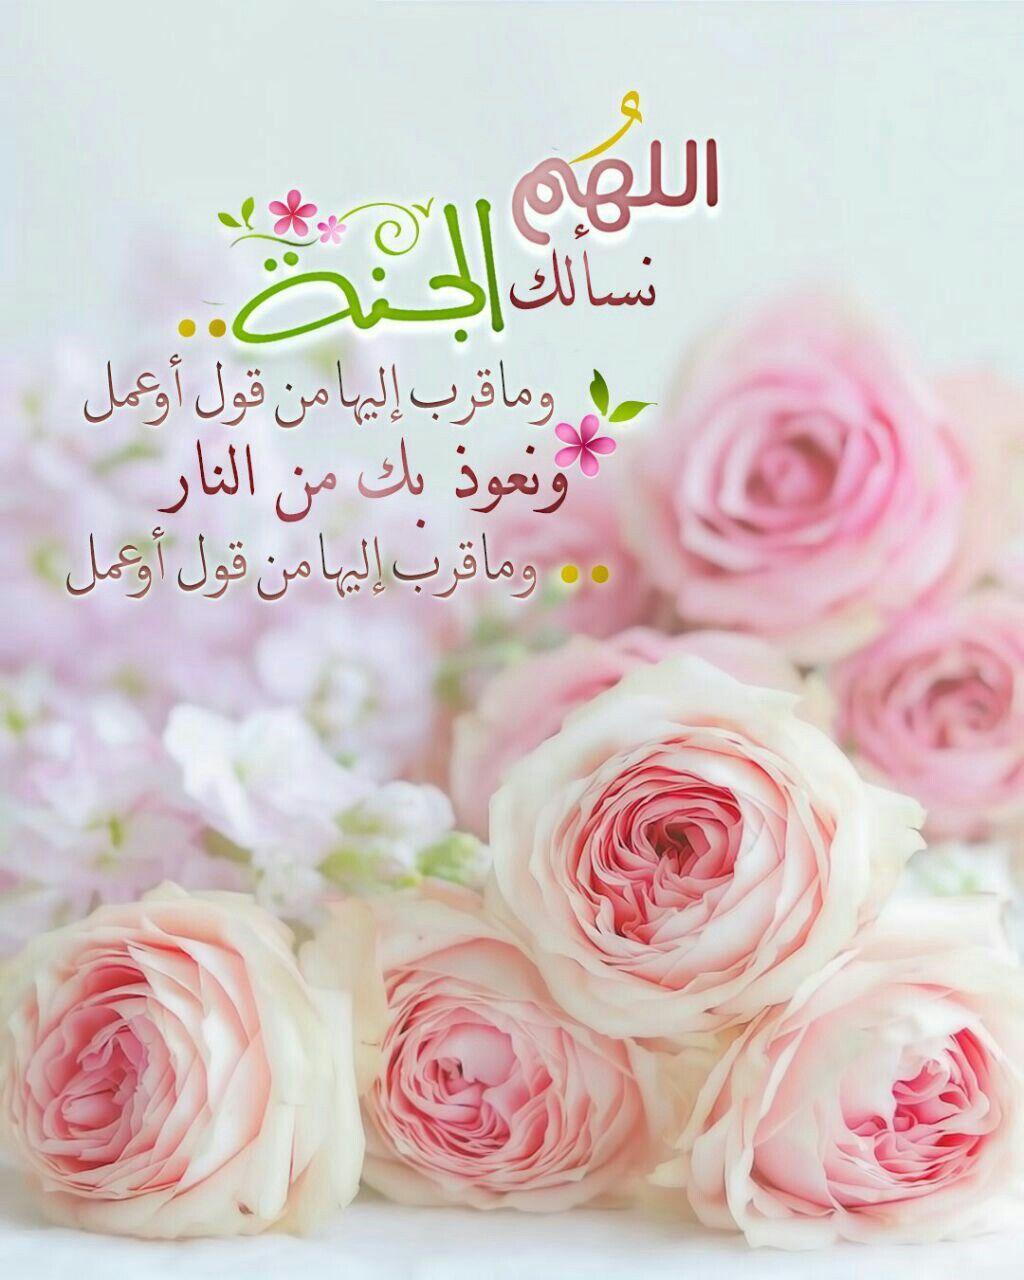 اللهم نسألك الجنة وما قرب إليها من قول وعمل ونعوذ بك من النار وما قرب إليها من قول وعمل Wedding Flower Pictures Islam Marriage Islamic Pictures